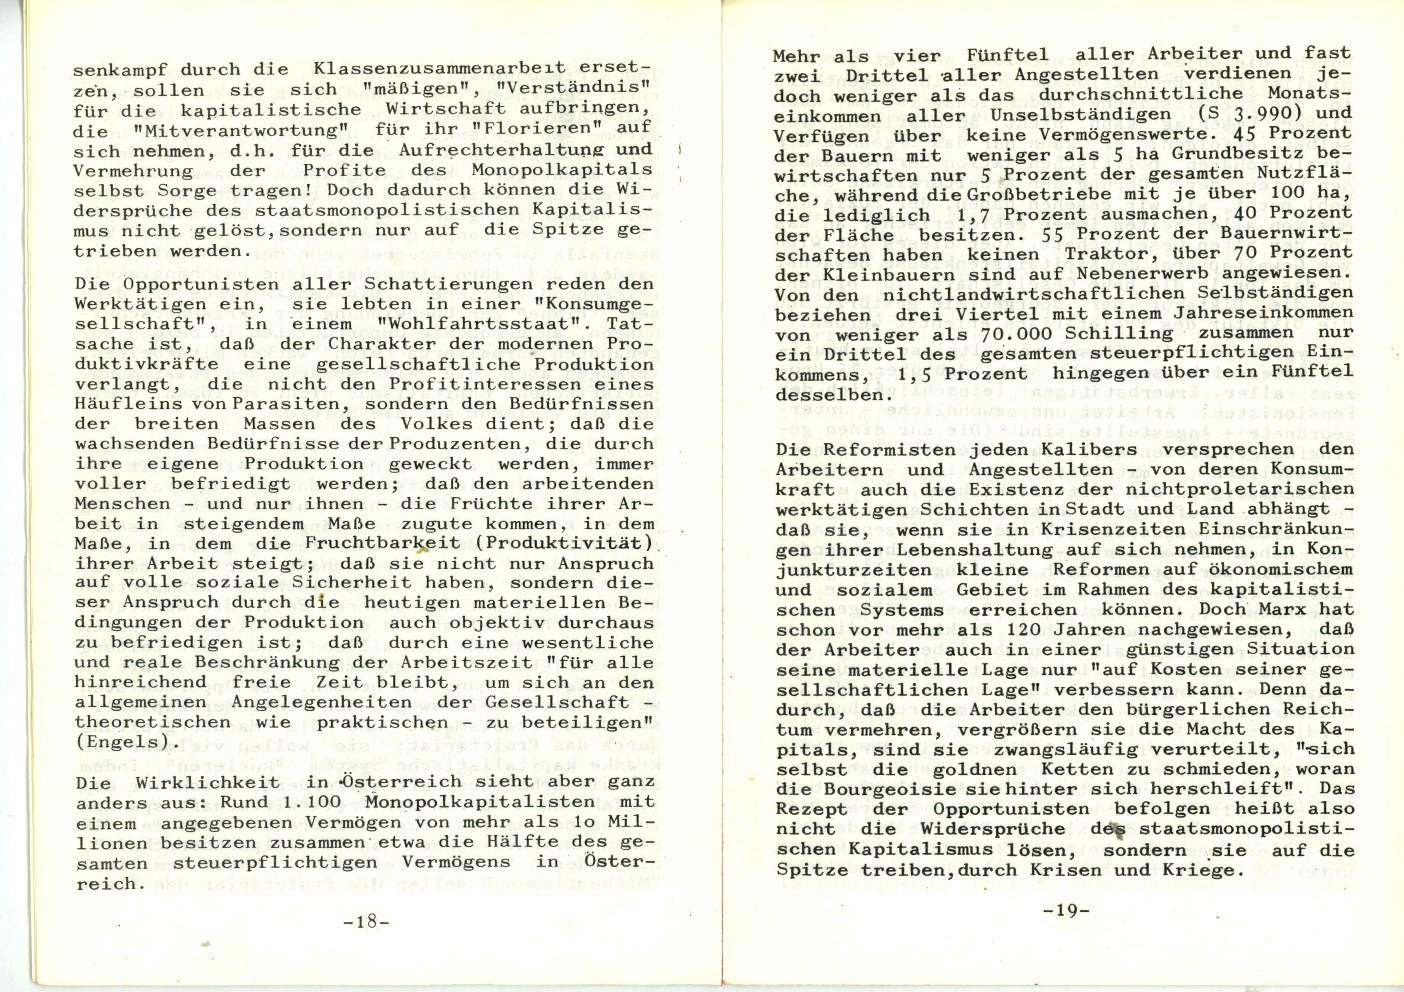 VRA_Grundsatzerklaerung_1971_11